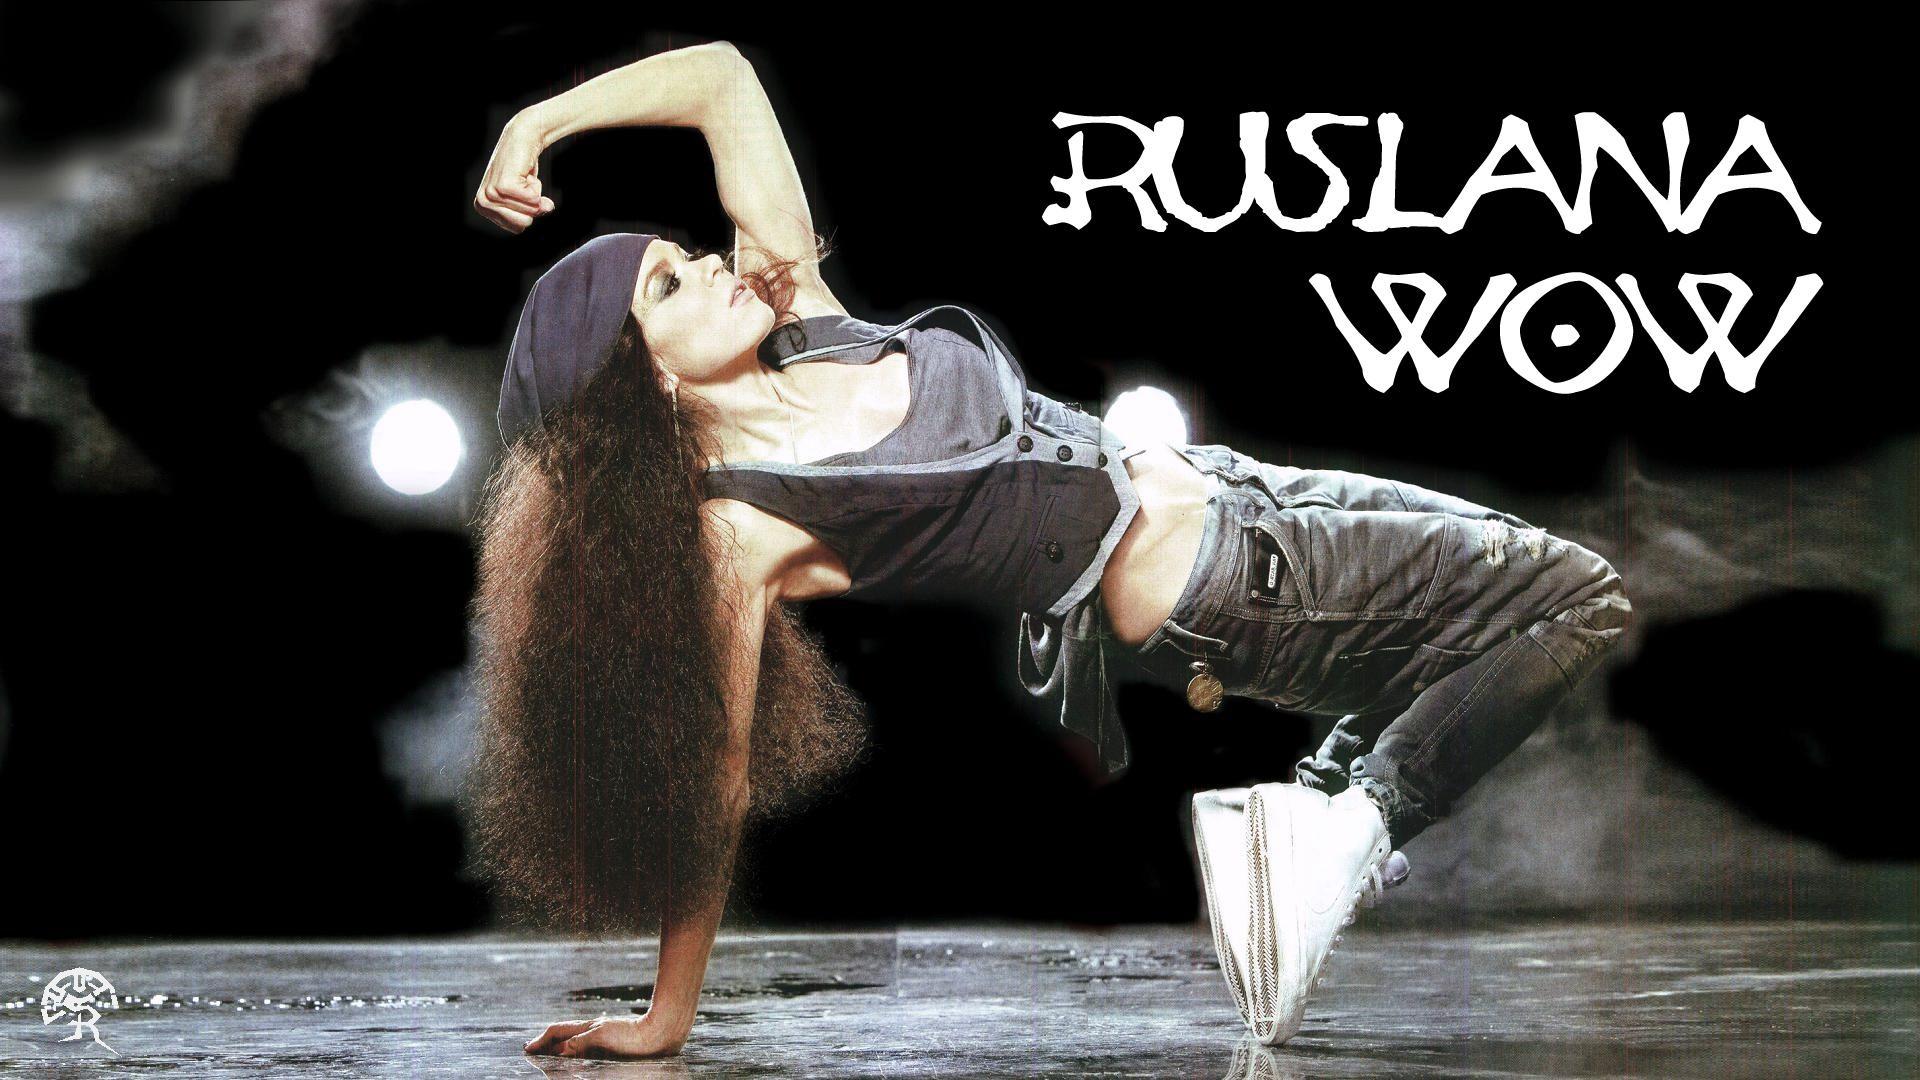 http://cs5661.vkontakte.ru/u56206172/123866122/w_0182b490.jpg